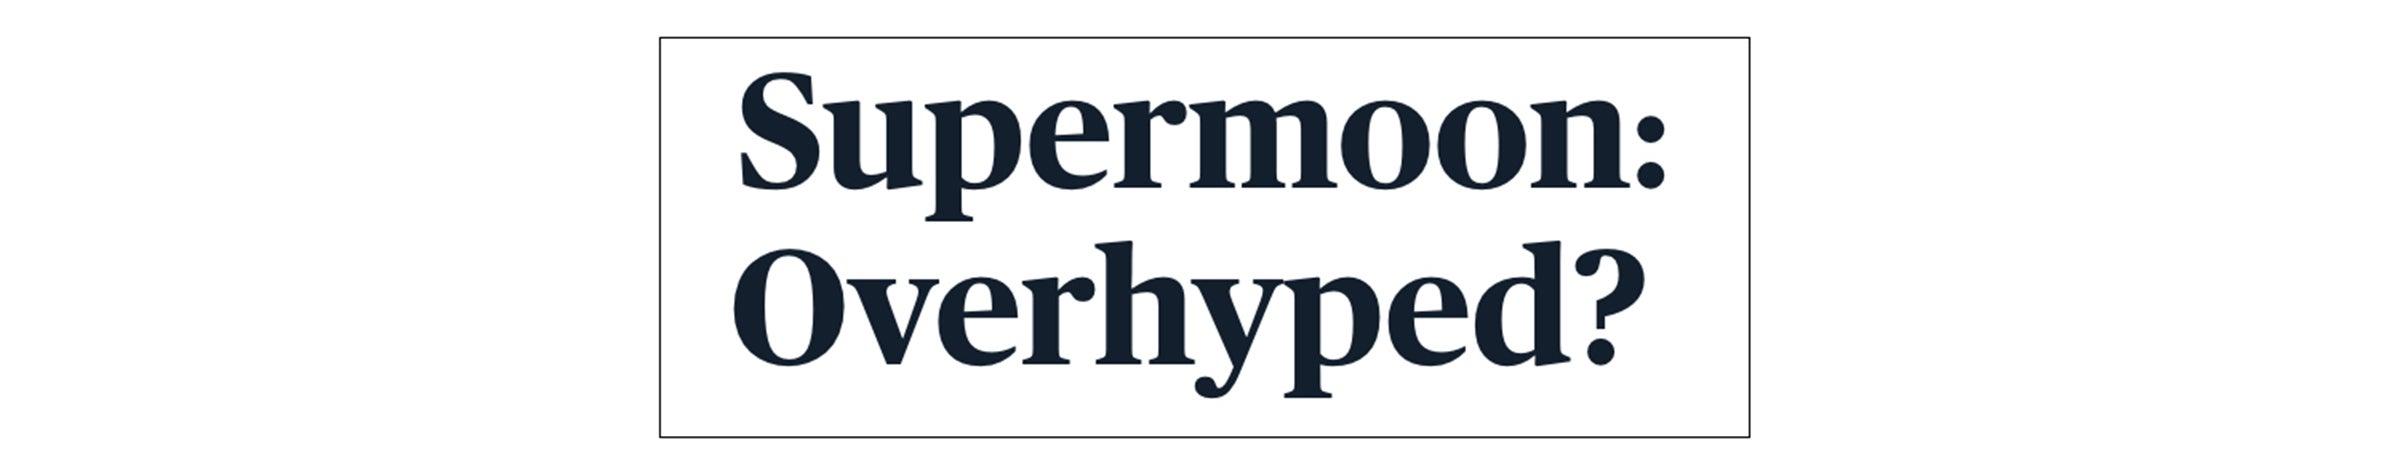 Supermoon: Overhyped?